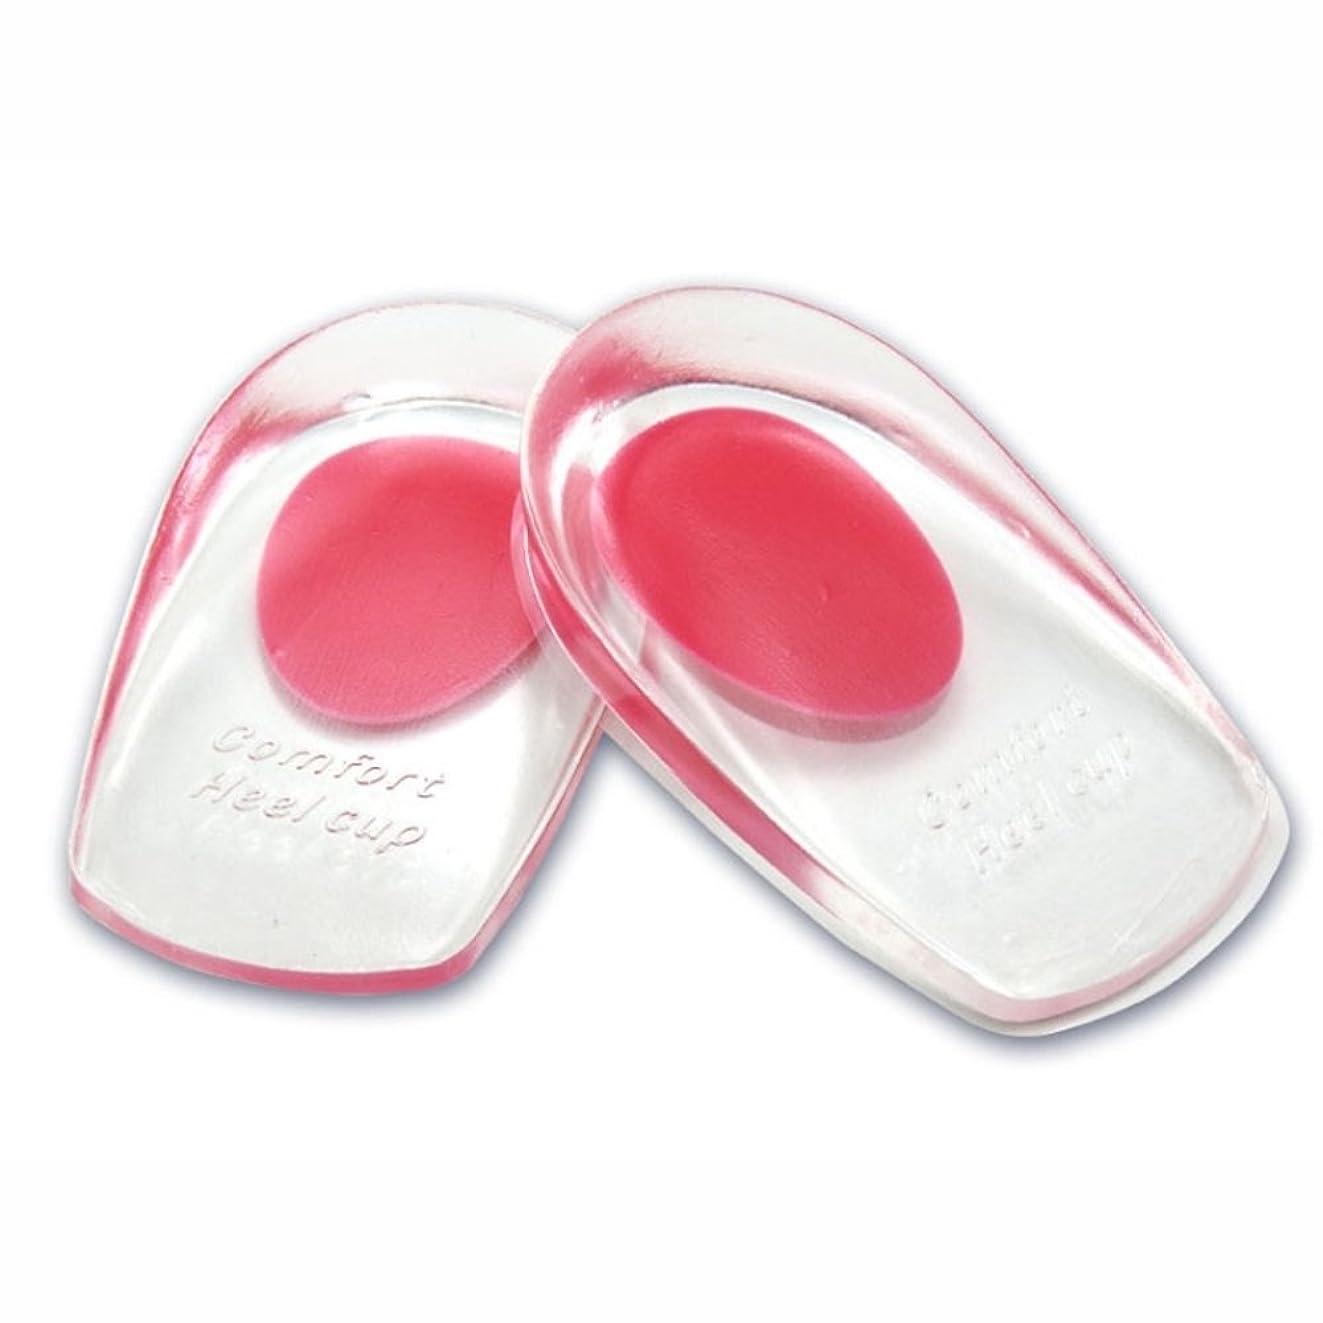 ご近所枝真鍮シリコンヒールカップ かかとの痛み防止に ソフトシリコン製 インソールクッション 衝撃緩和 立体形状 フィット感抜群 FMTMXCA2S (レッド(靴サイズ22~26cm用))